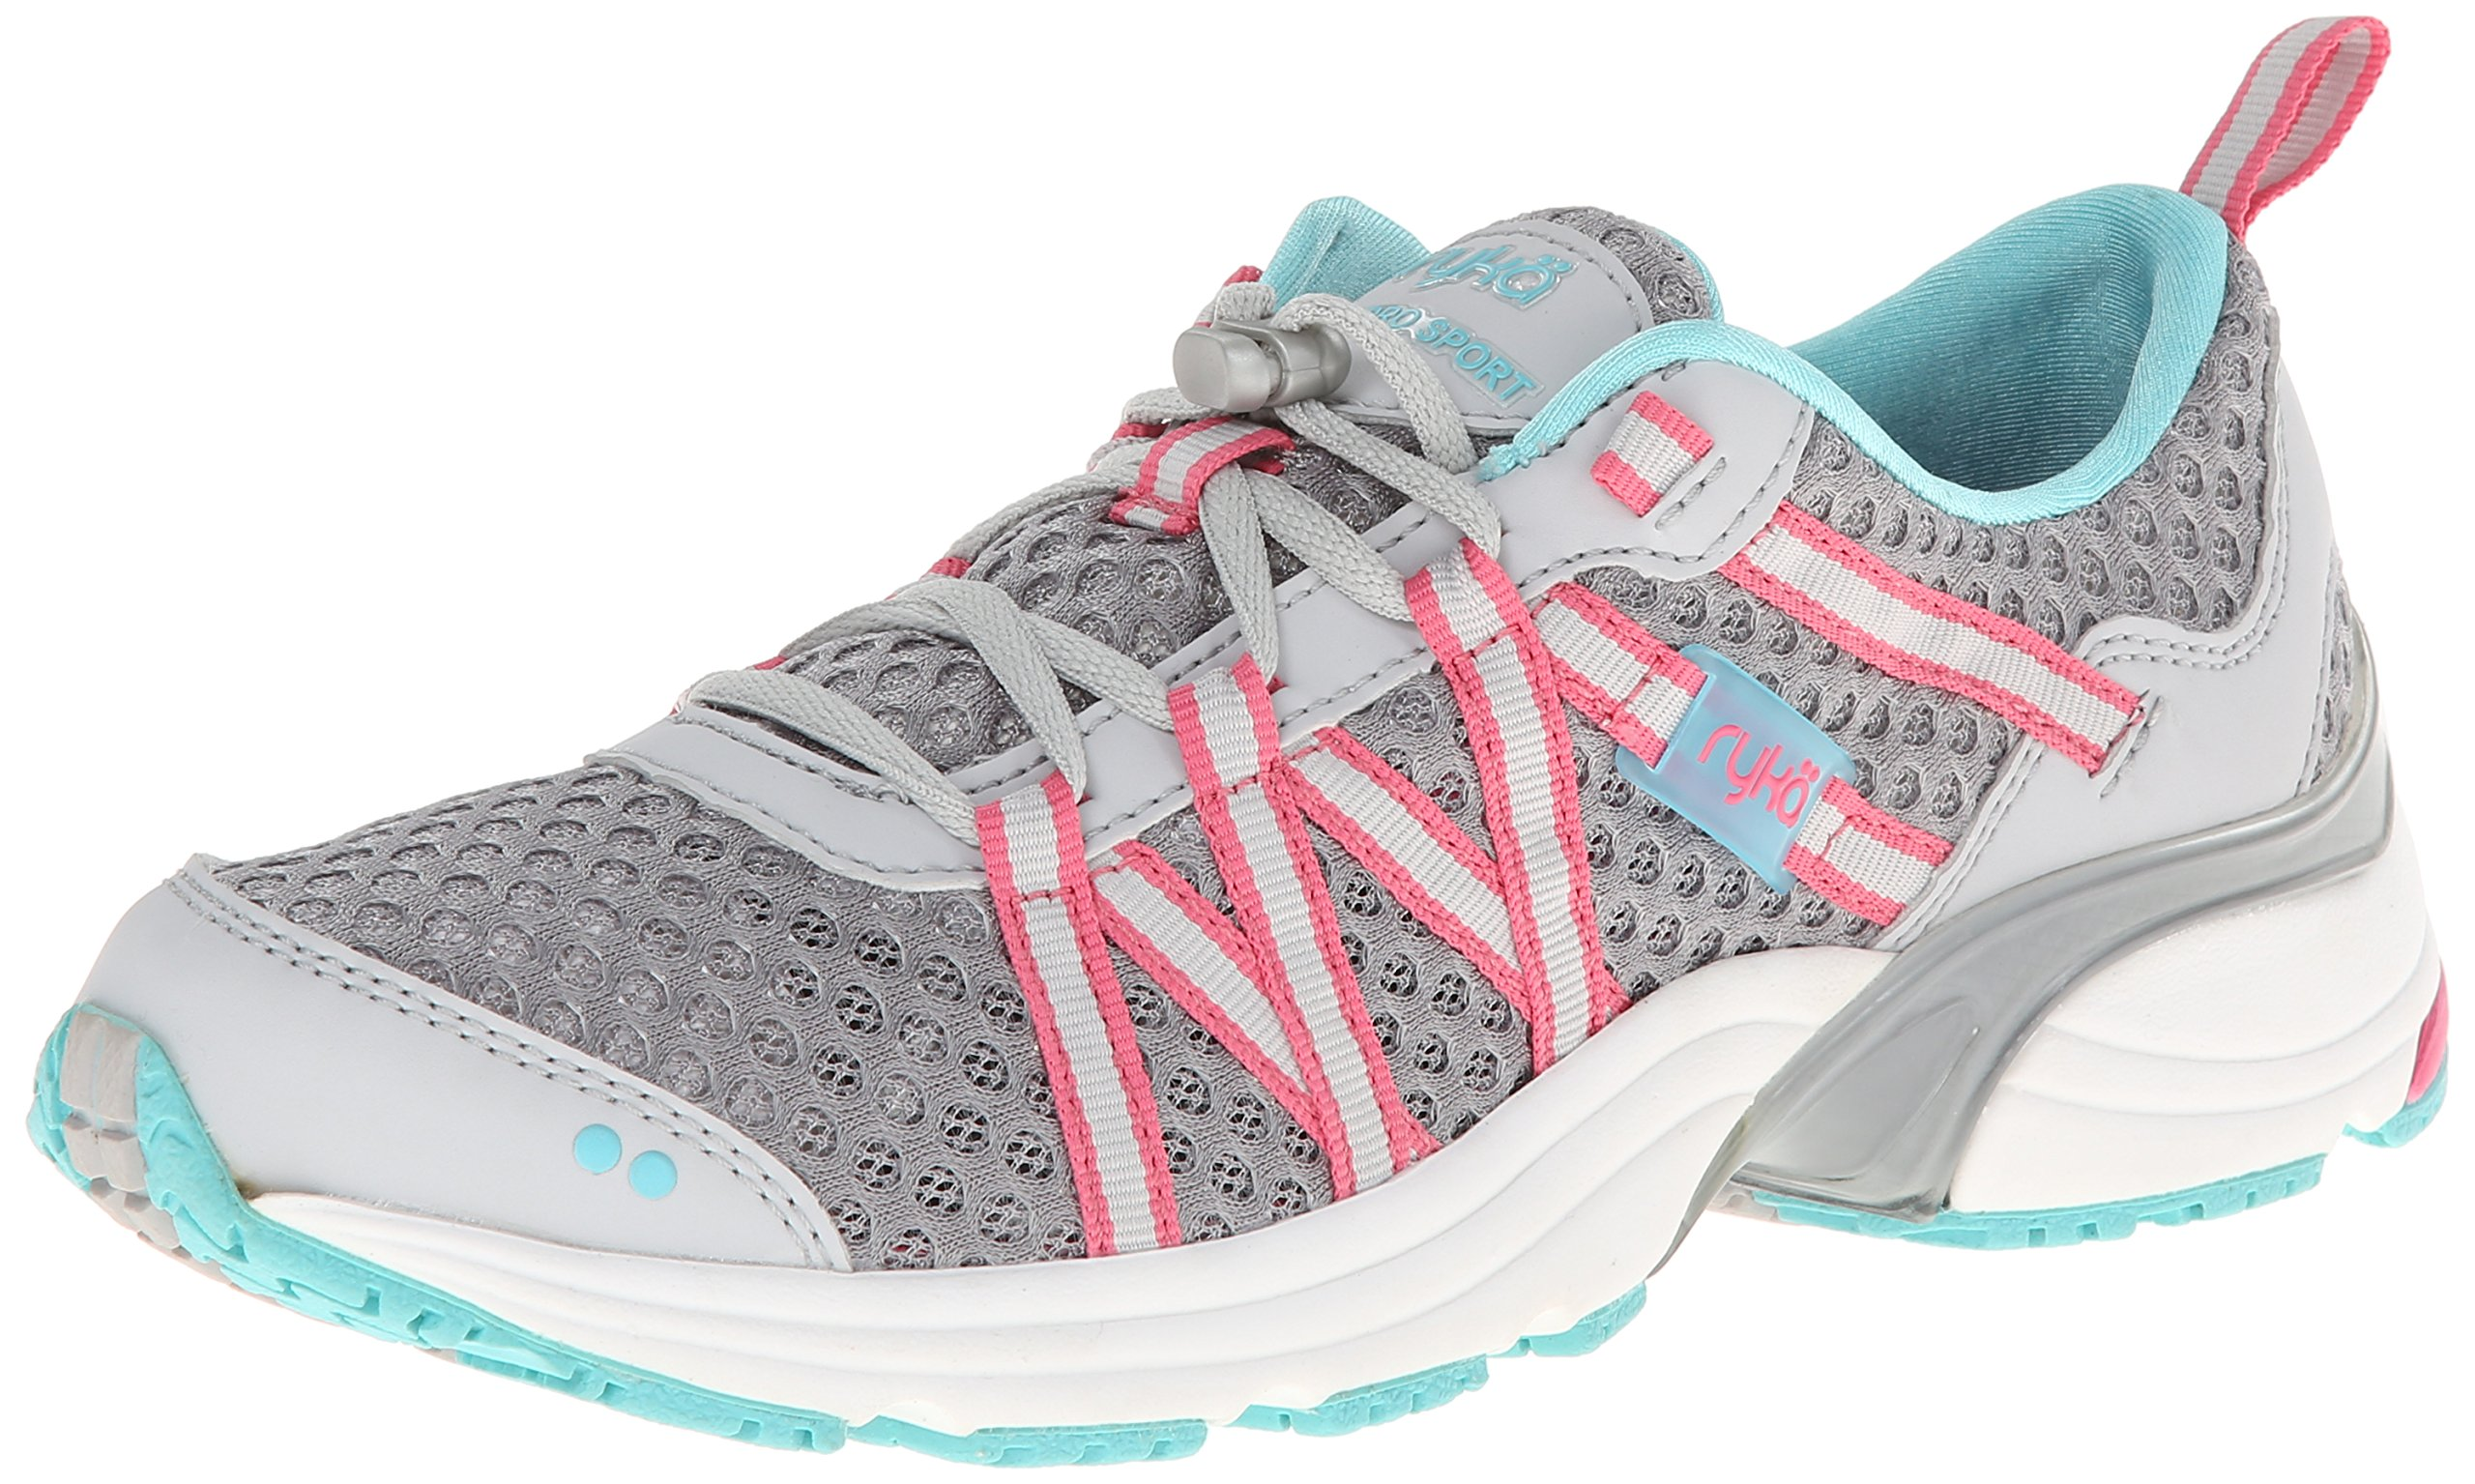 RYKA Women's Hydro Sport Water Shoe Cross Trainer, Silver Cloud/Cool Mist Grey/Winter Blue/Pink 5 M US